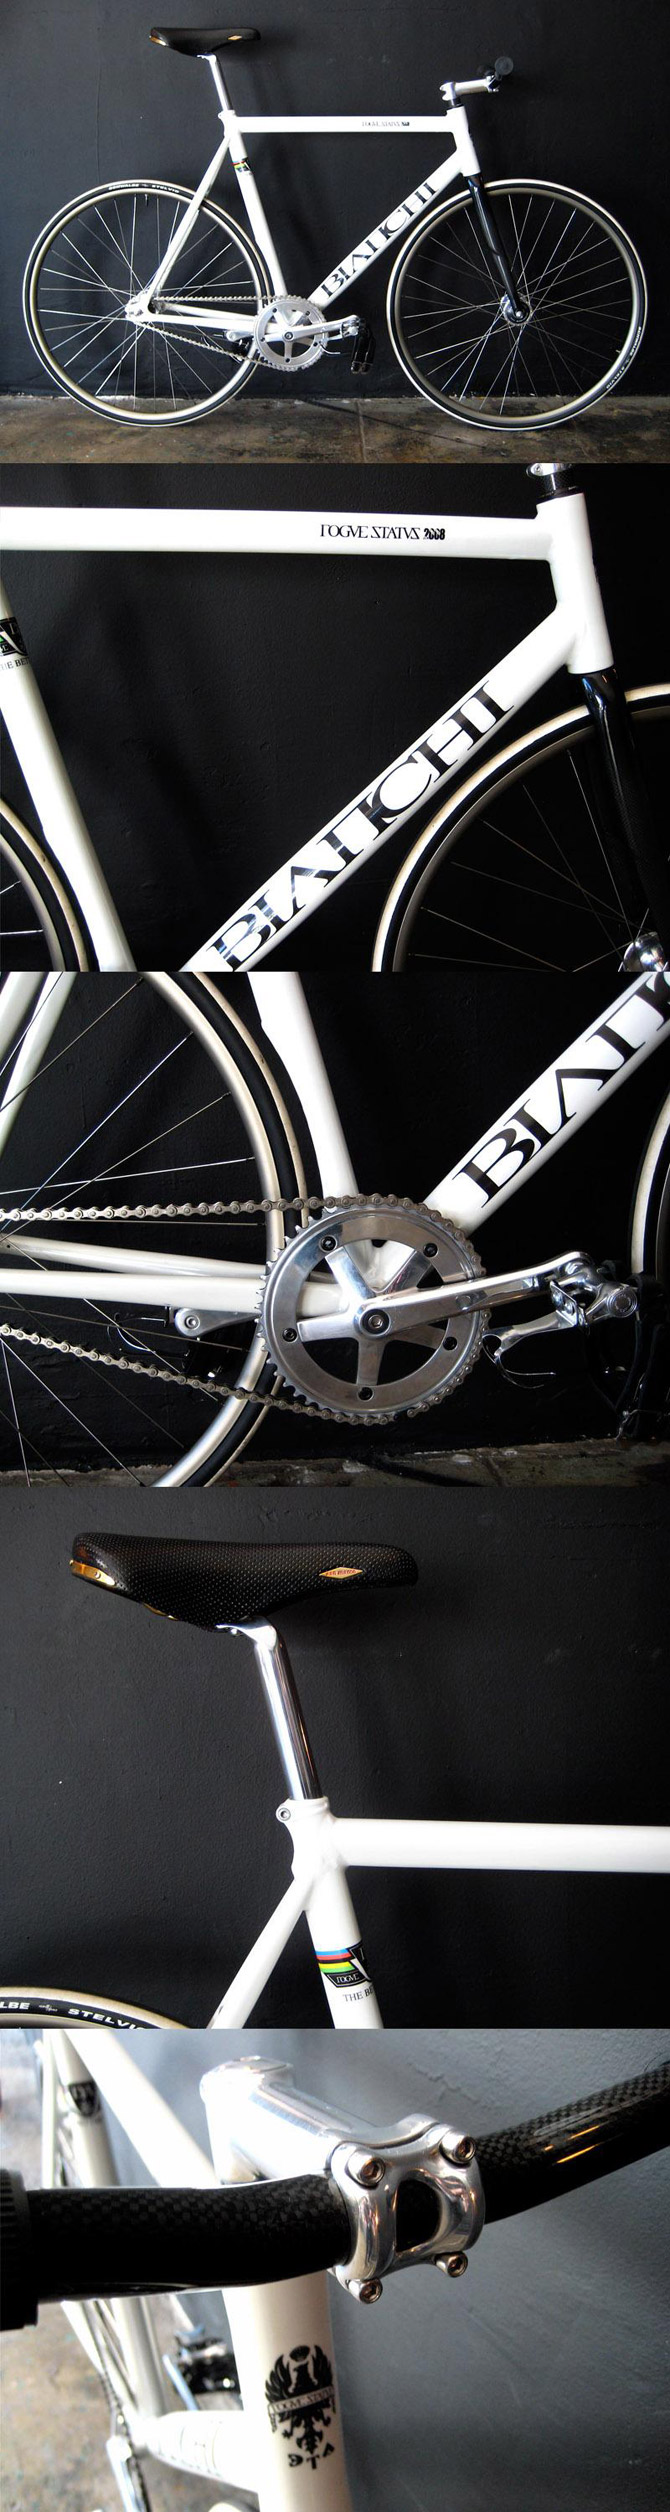 bianchi x rogue status fixed gear bike